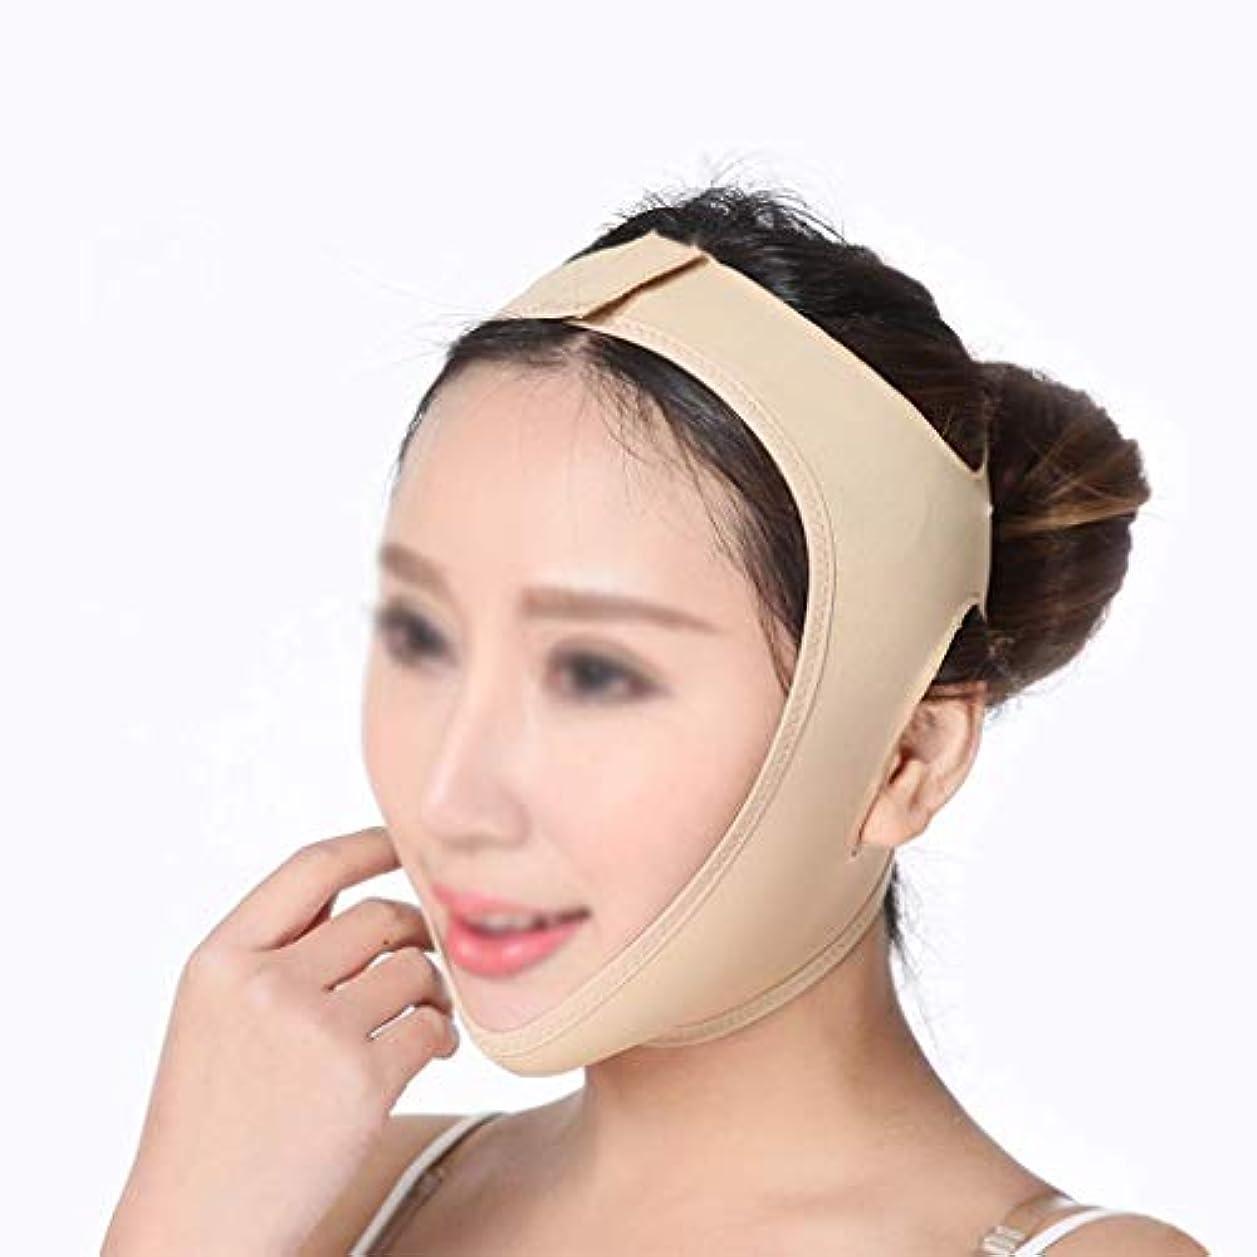 最小化する愛本体フェイシャルチークリフティングマスク、ダブルチンとフェイスを効果的に改善、フェイスリフト包帯、ダブルチンを減らす(サイズ:L),M